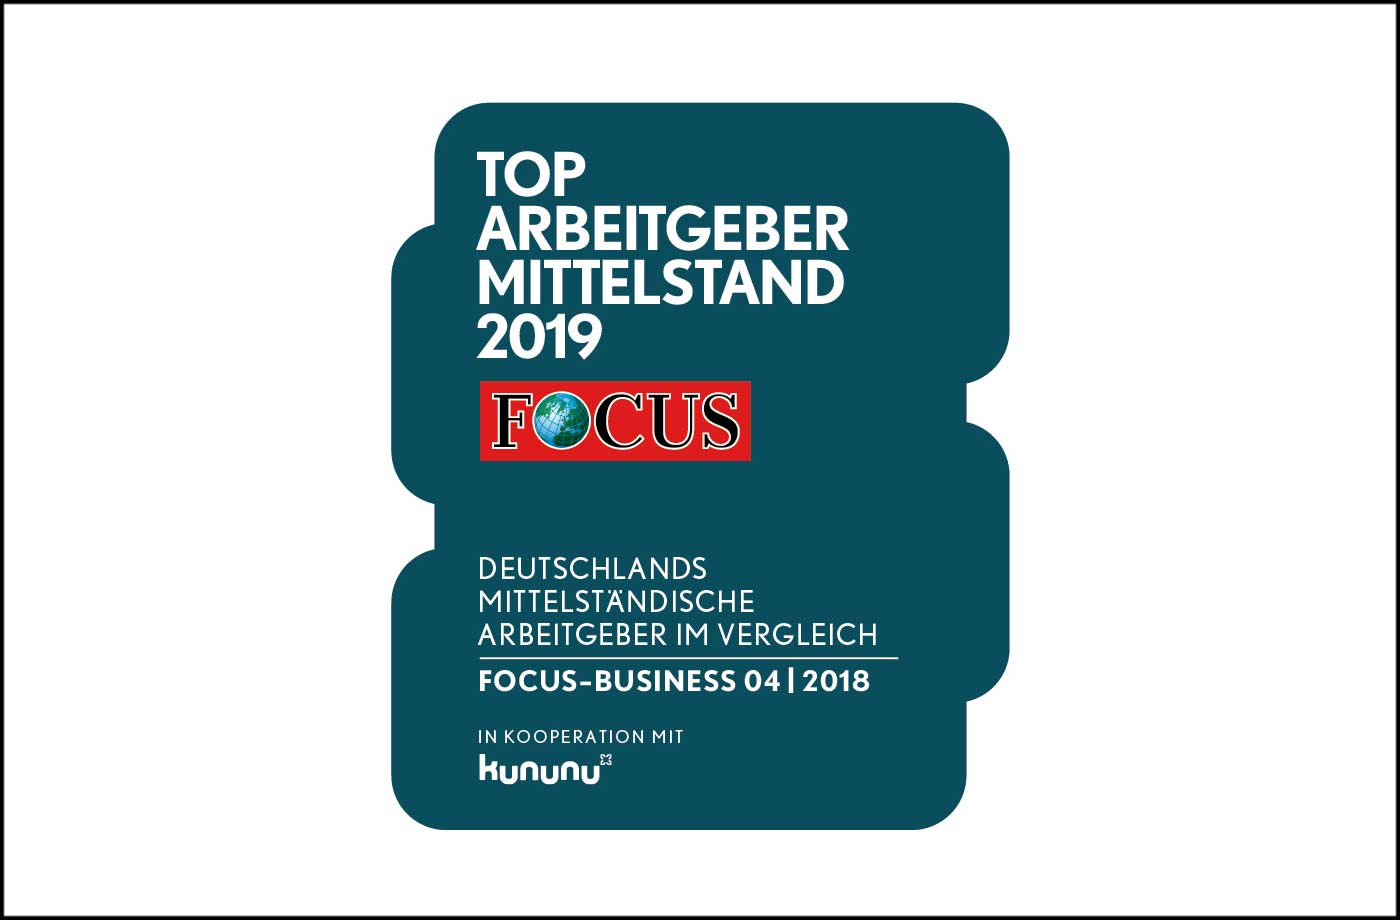 mairec edelmetall precious metal recycling auszeichnung top arbeitgeber mittelstand focus award